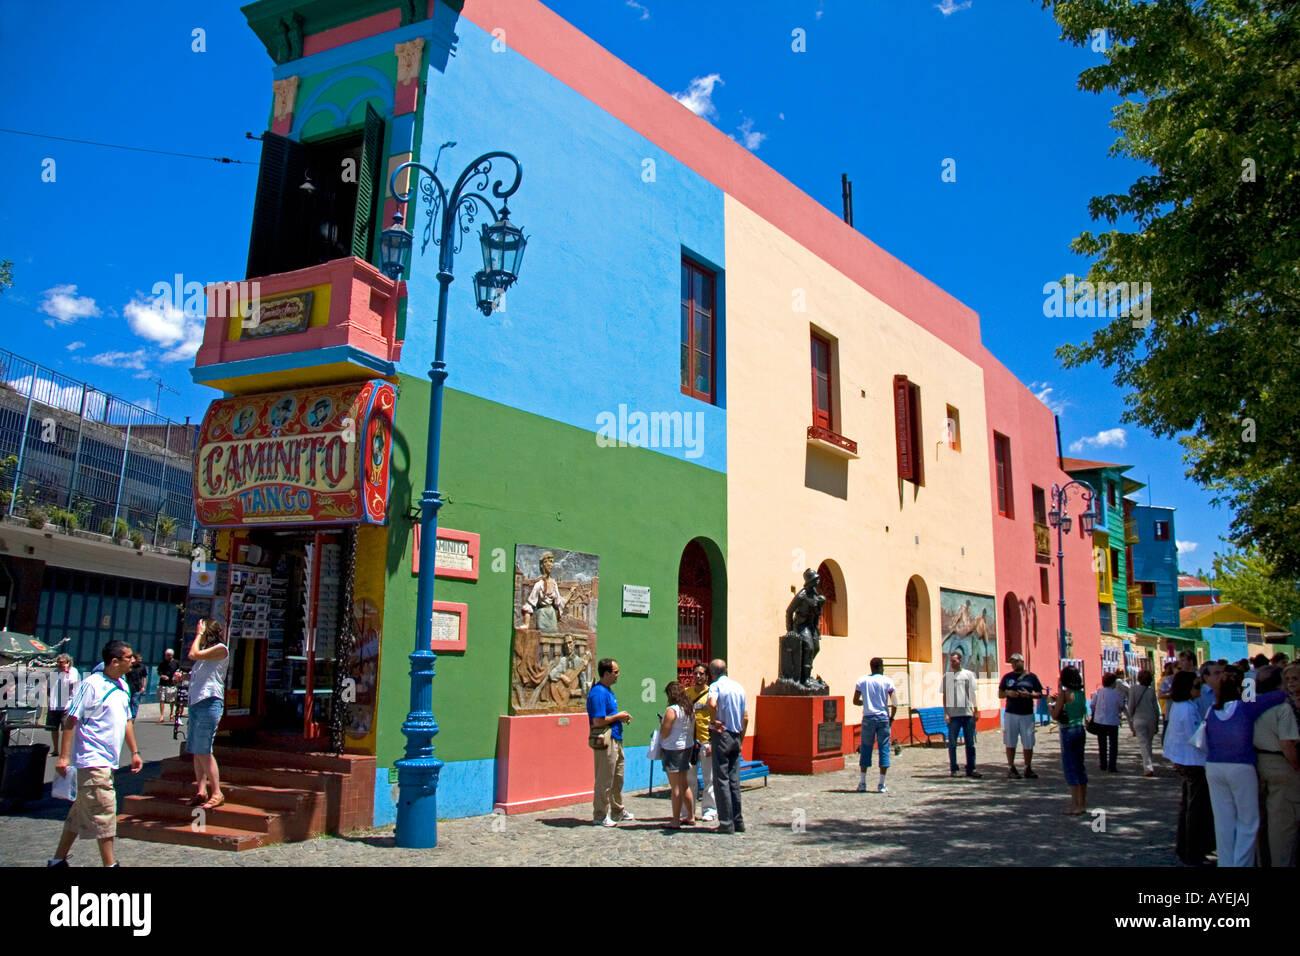 Bâtiments colorés sur le Caminito dans le quartier de La Boca, Buenos Aires, Argentine Photo Stock